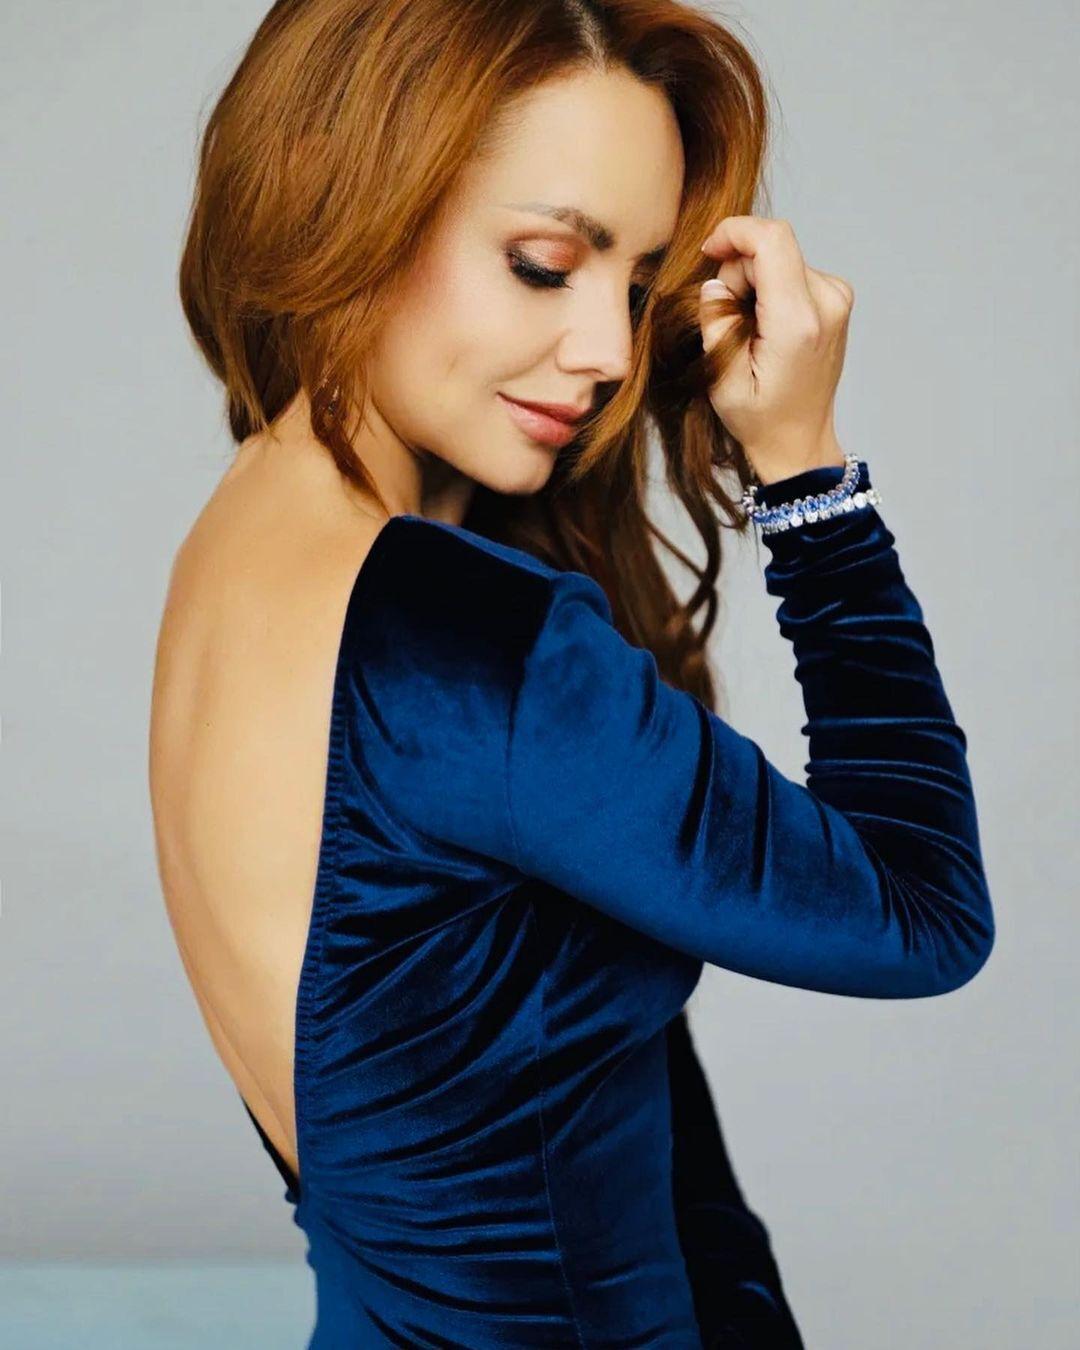 Певица МакSим (Марина Абросимова) в тяжелом состоянии.